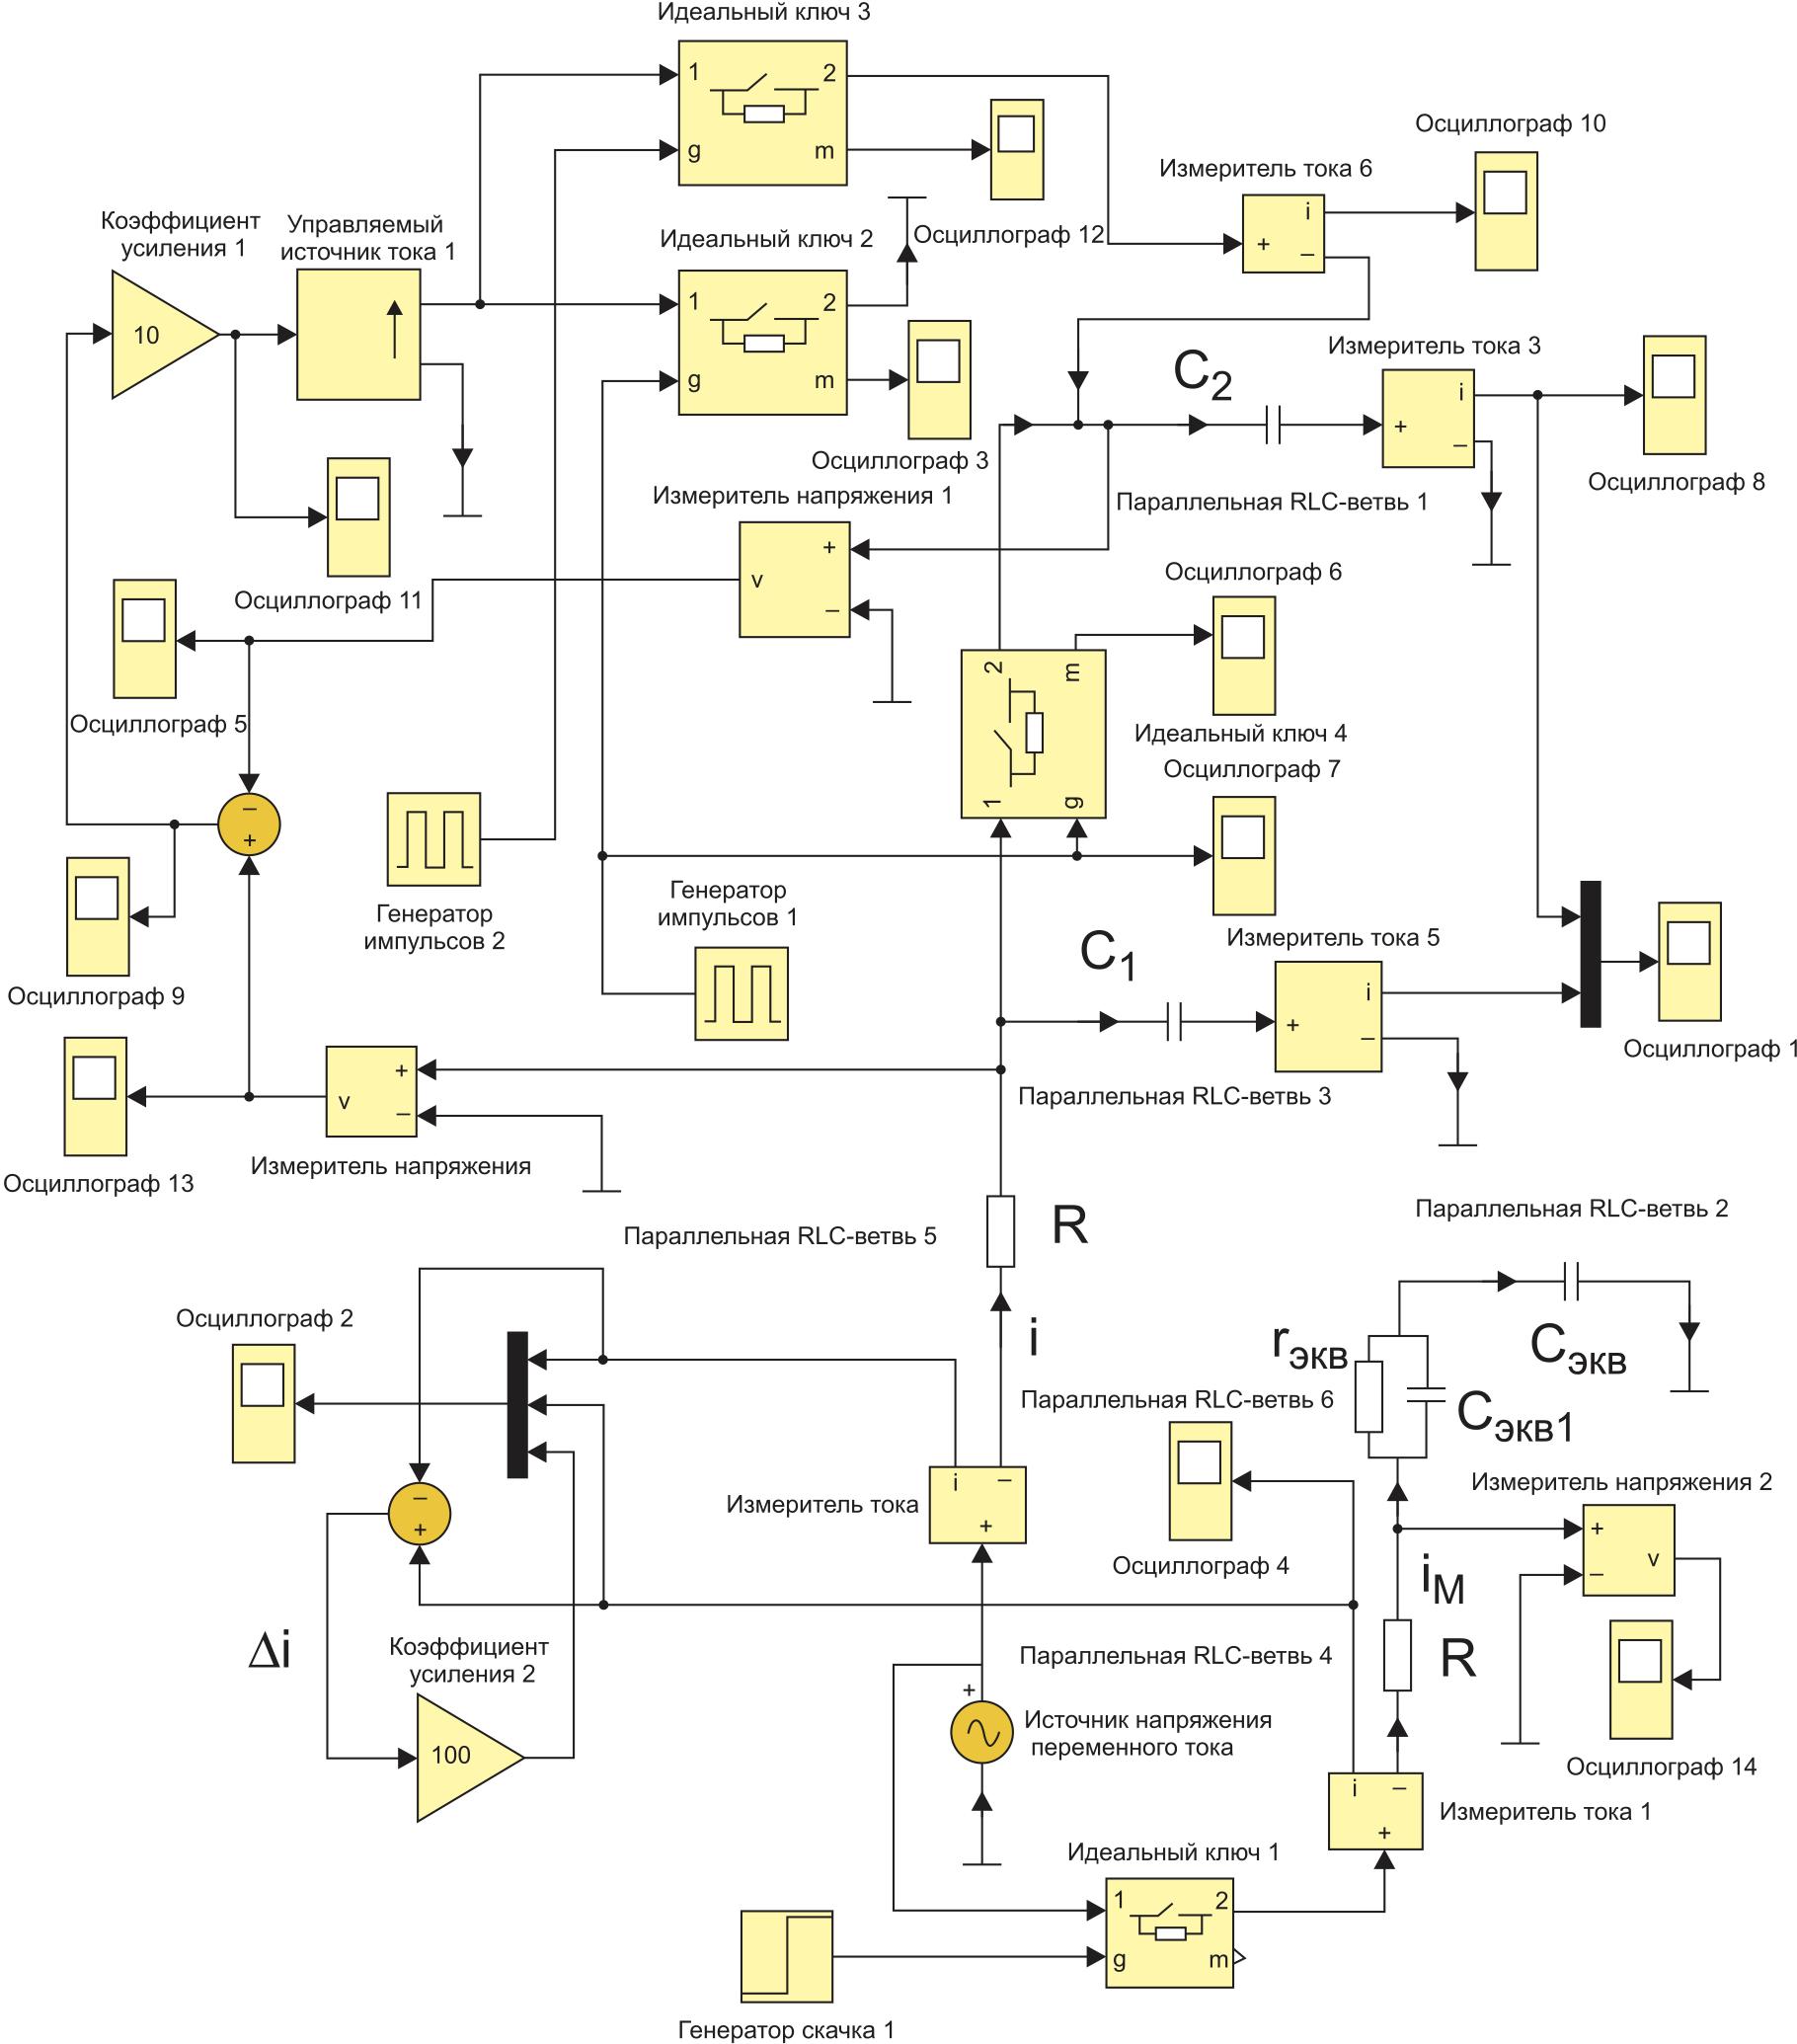 Схема моделирования в системе MATLAB 6.5 Simulink 5 Sim Power System